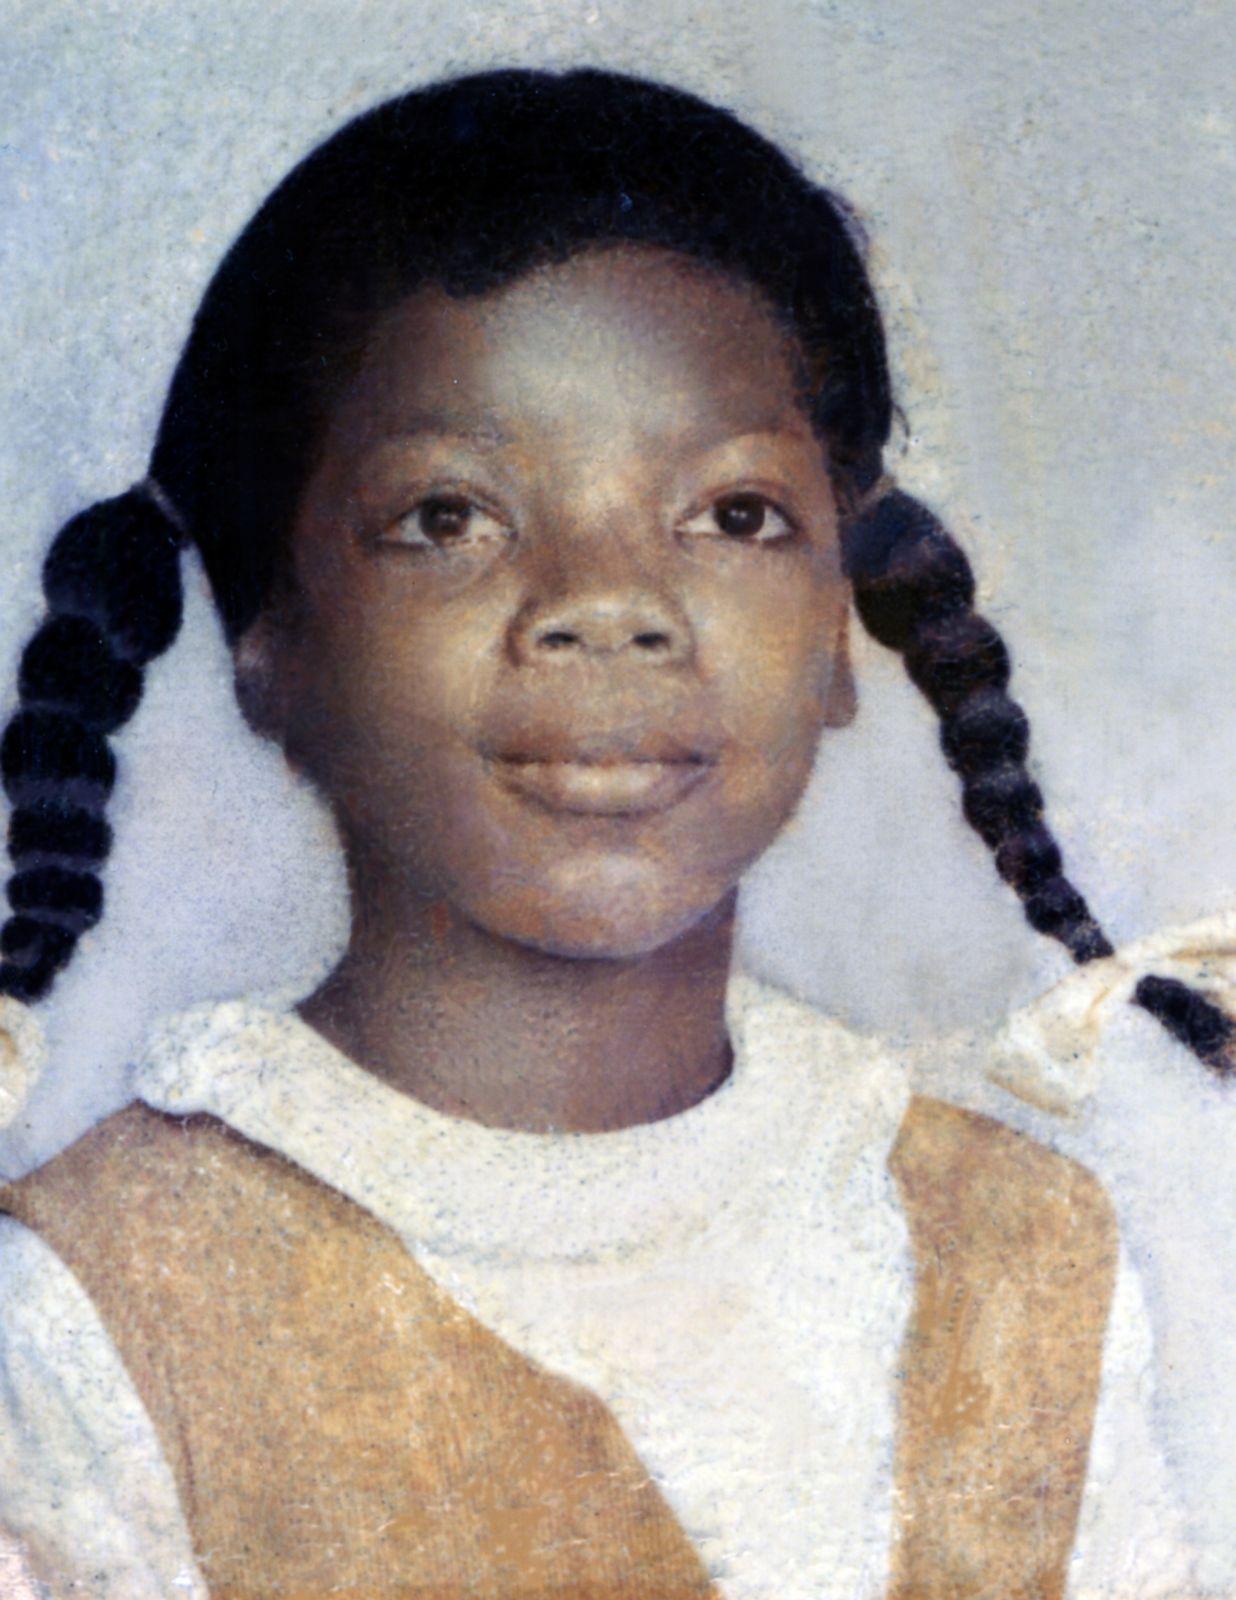 14. Oprah